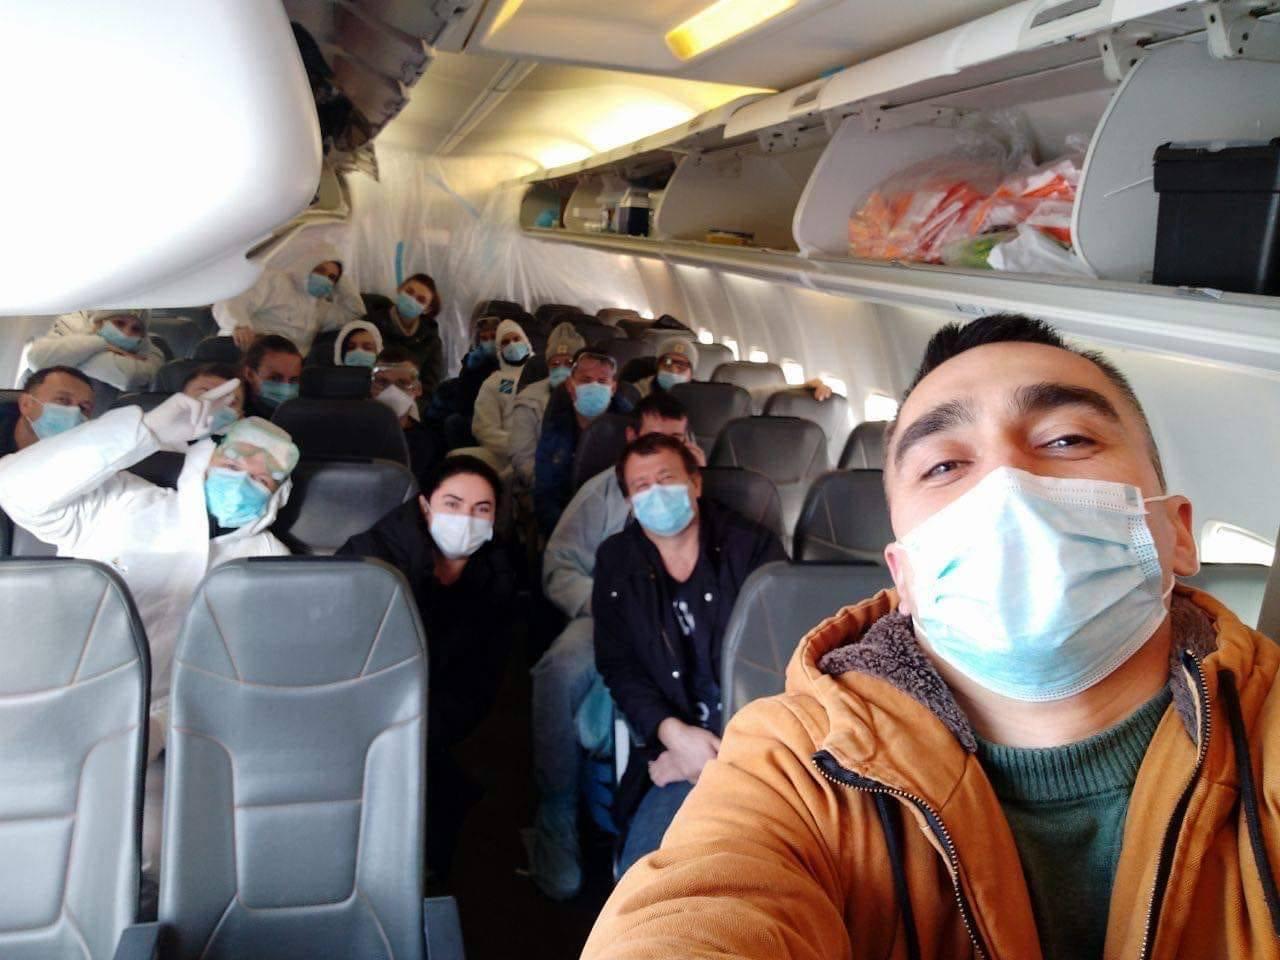 Болеть в самолете лучше по правилам: советы авиапутешественникам